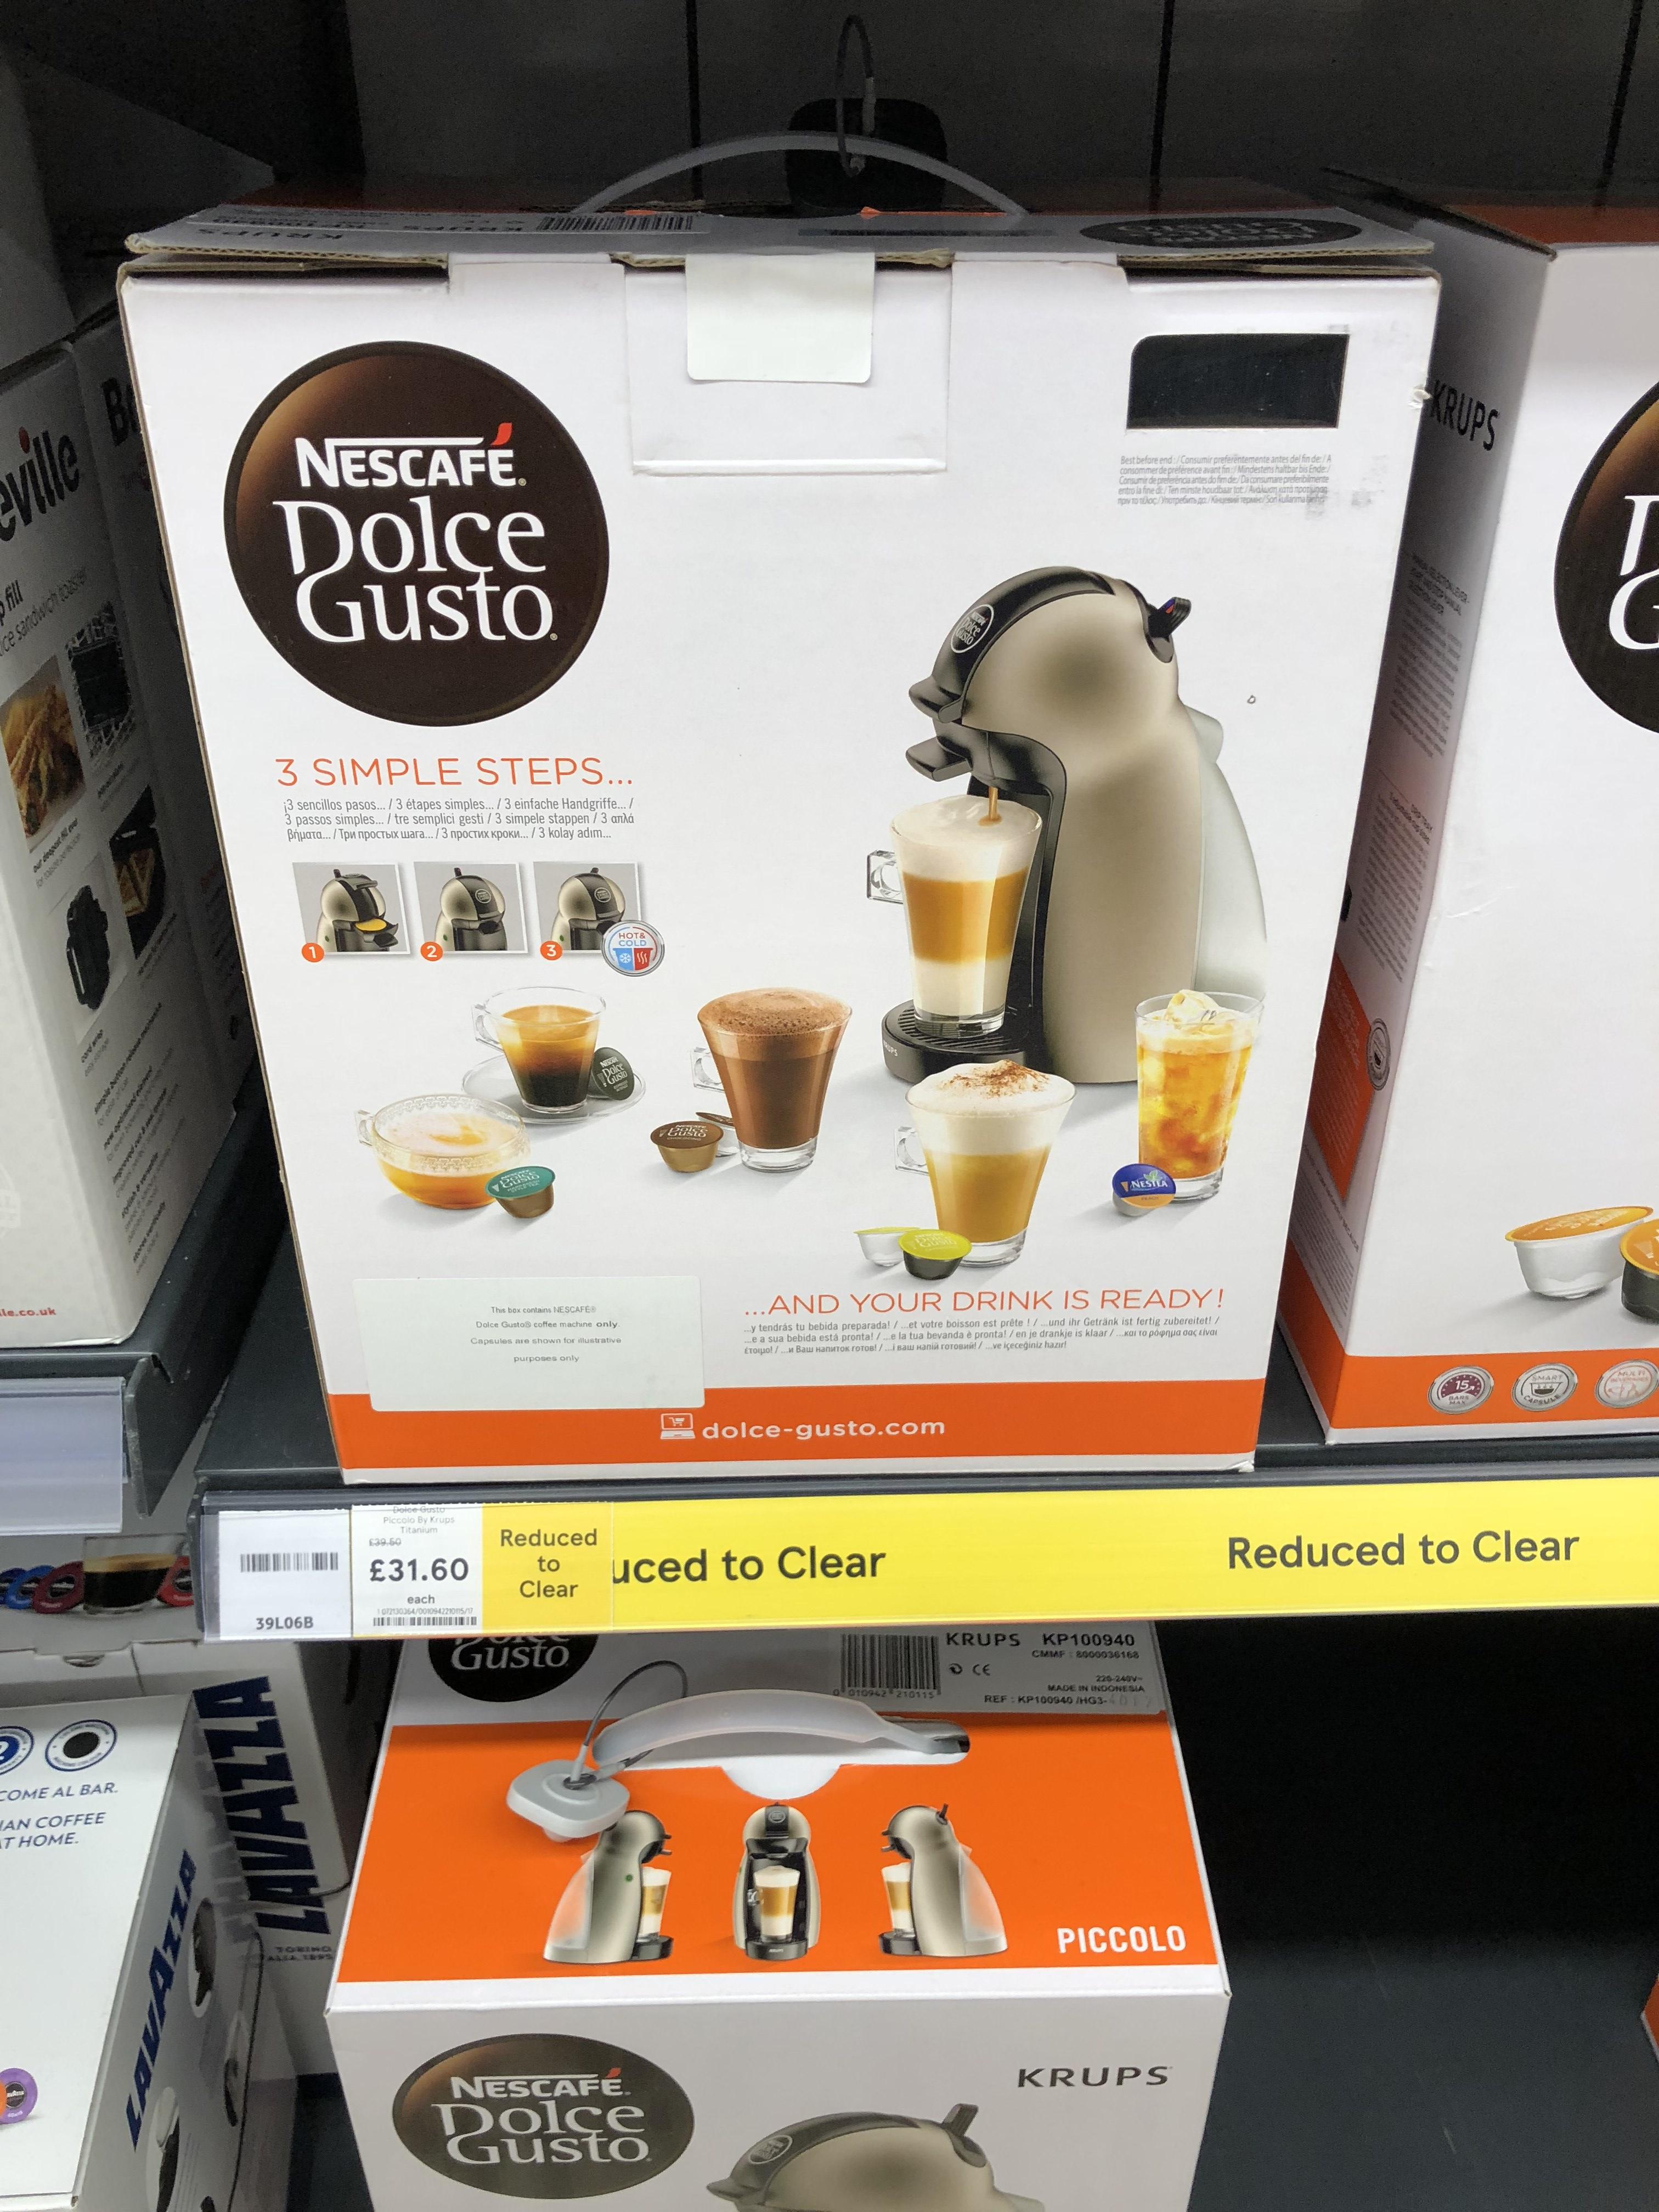 Krups Nescafé Dolce Gusto Piccolo Coffee Machine £31.60 instore @ Tesco